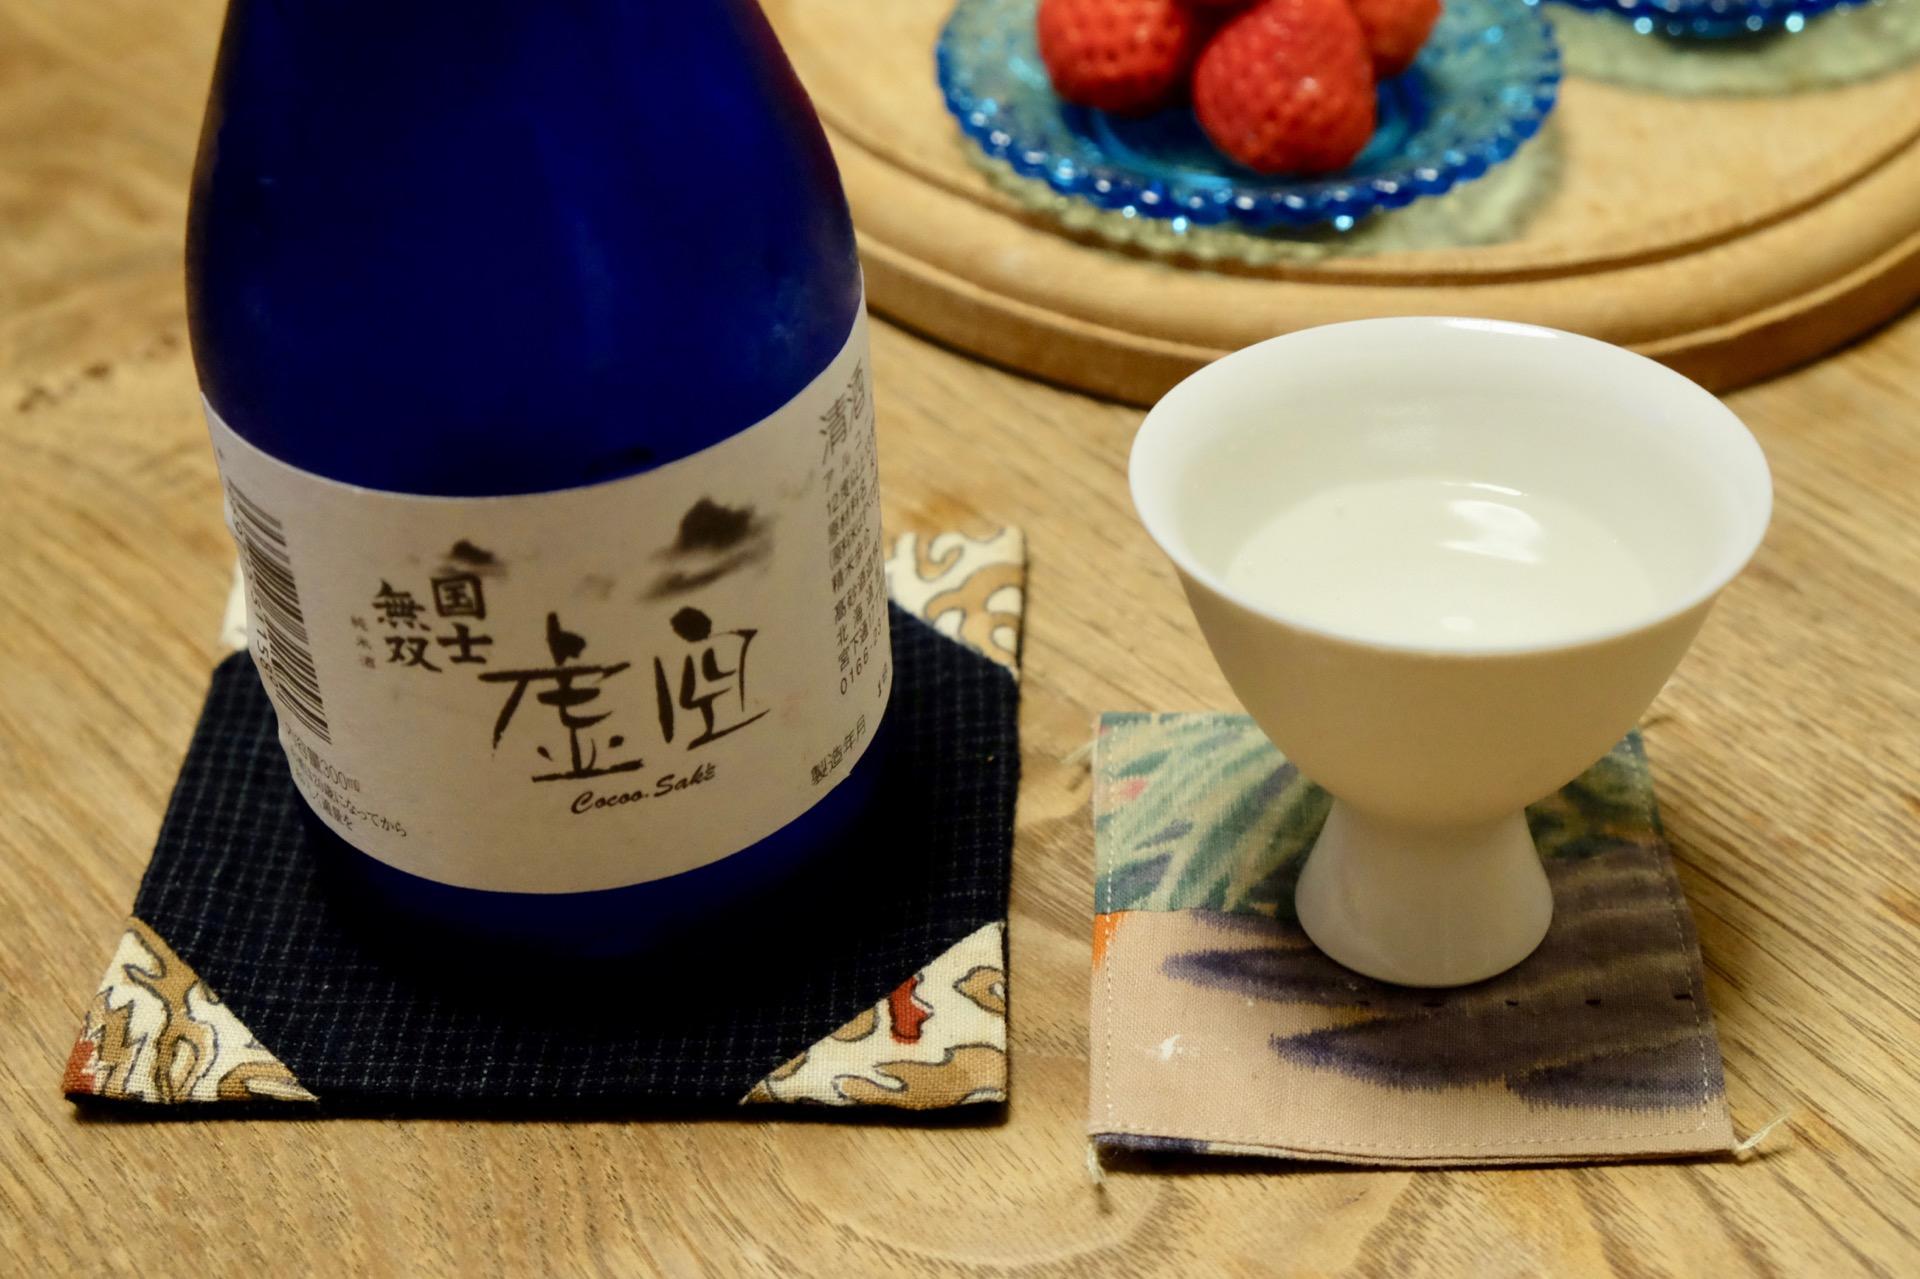 国士無双 純米酒 虚空 Cocoo Saké|日本酒テイスティングノート